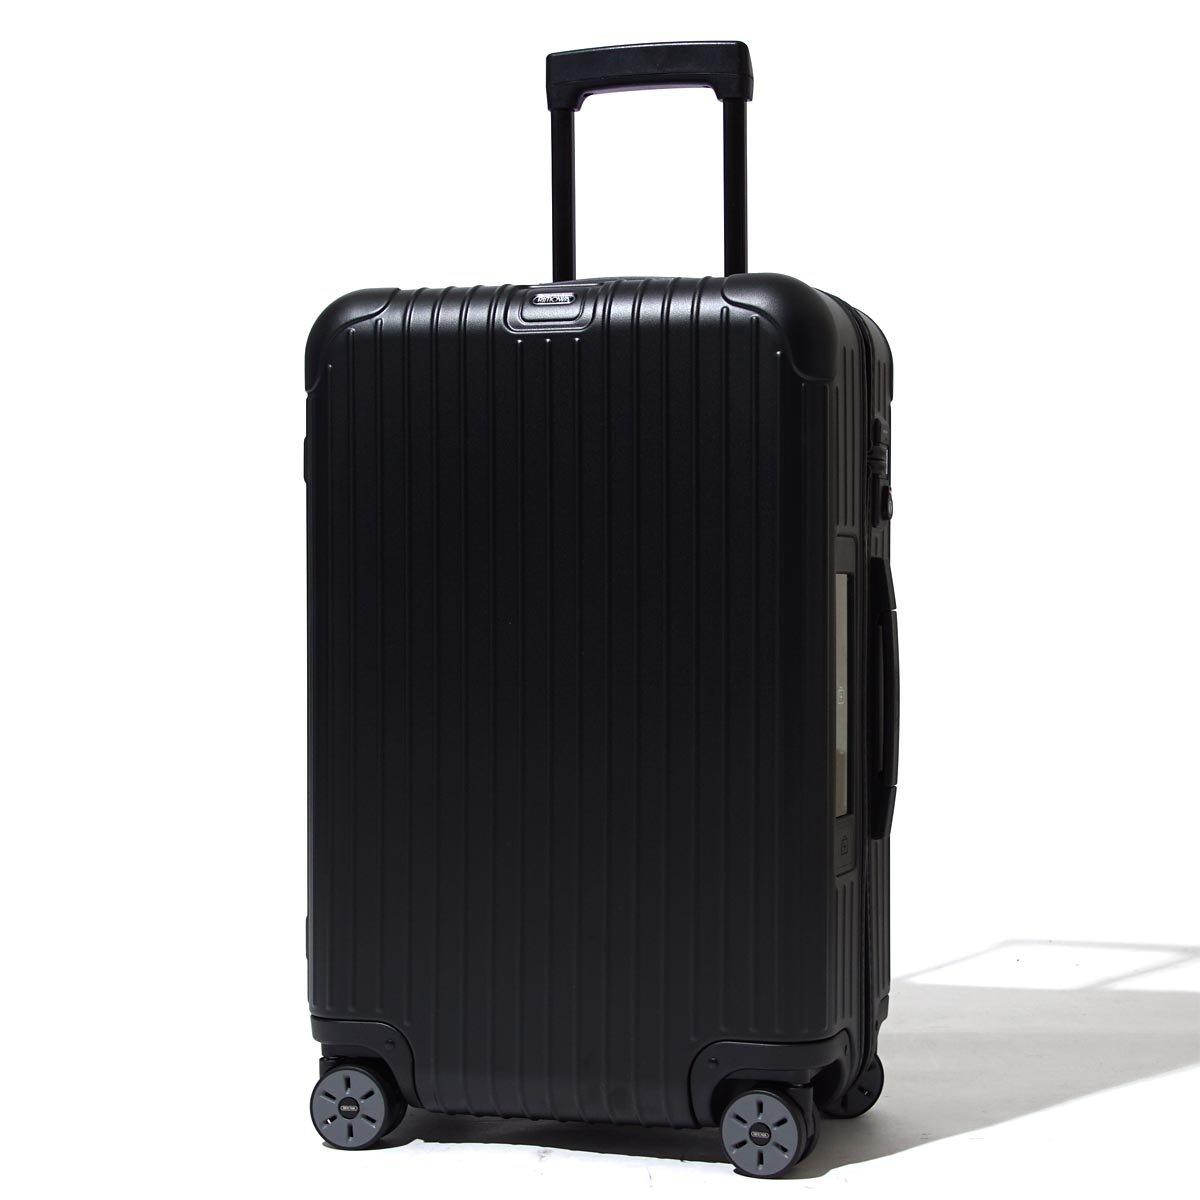 (リモワ) RIMOWA スーツケース 電子タグ仕様 SALSA 63 E-TAG MULTIWHEEL サルサ 63L [並行輸入品] B0748CWDSJ